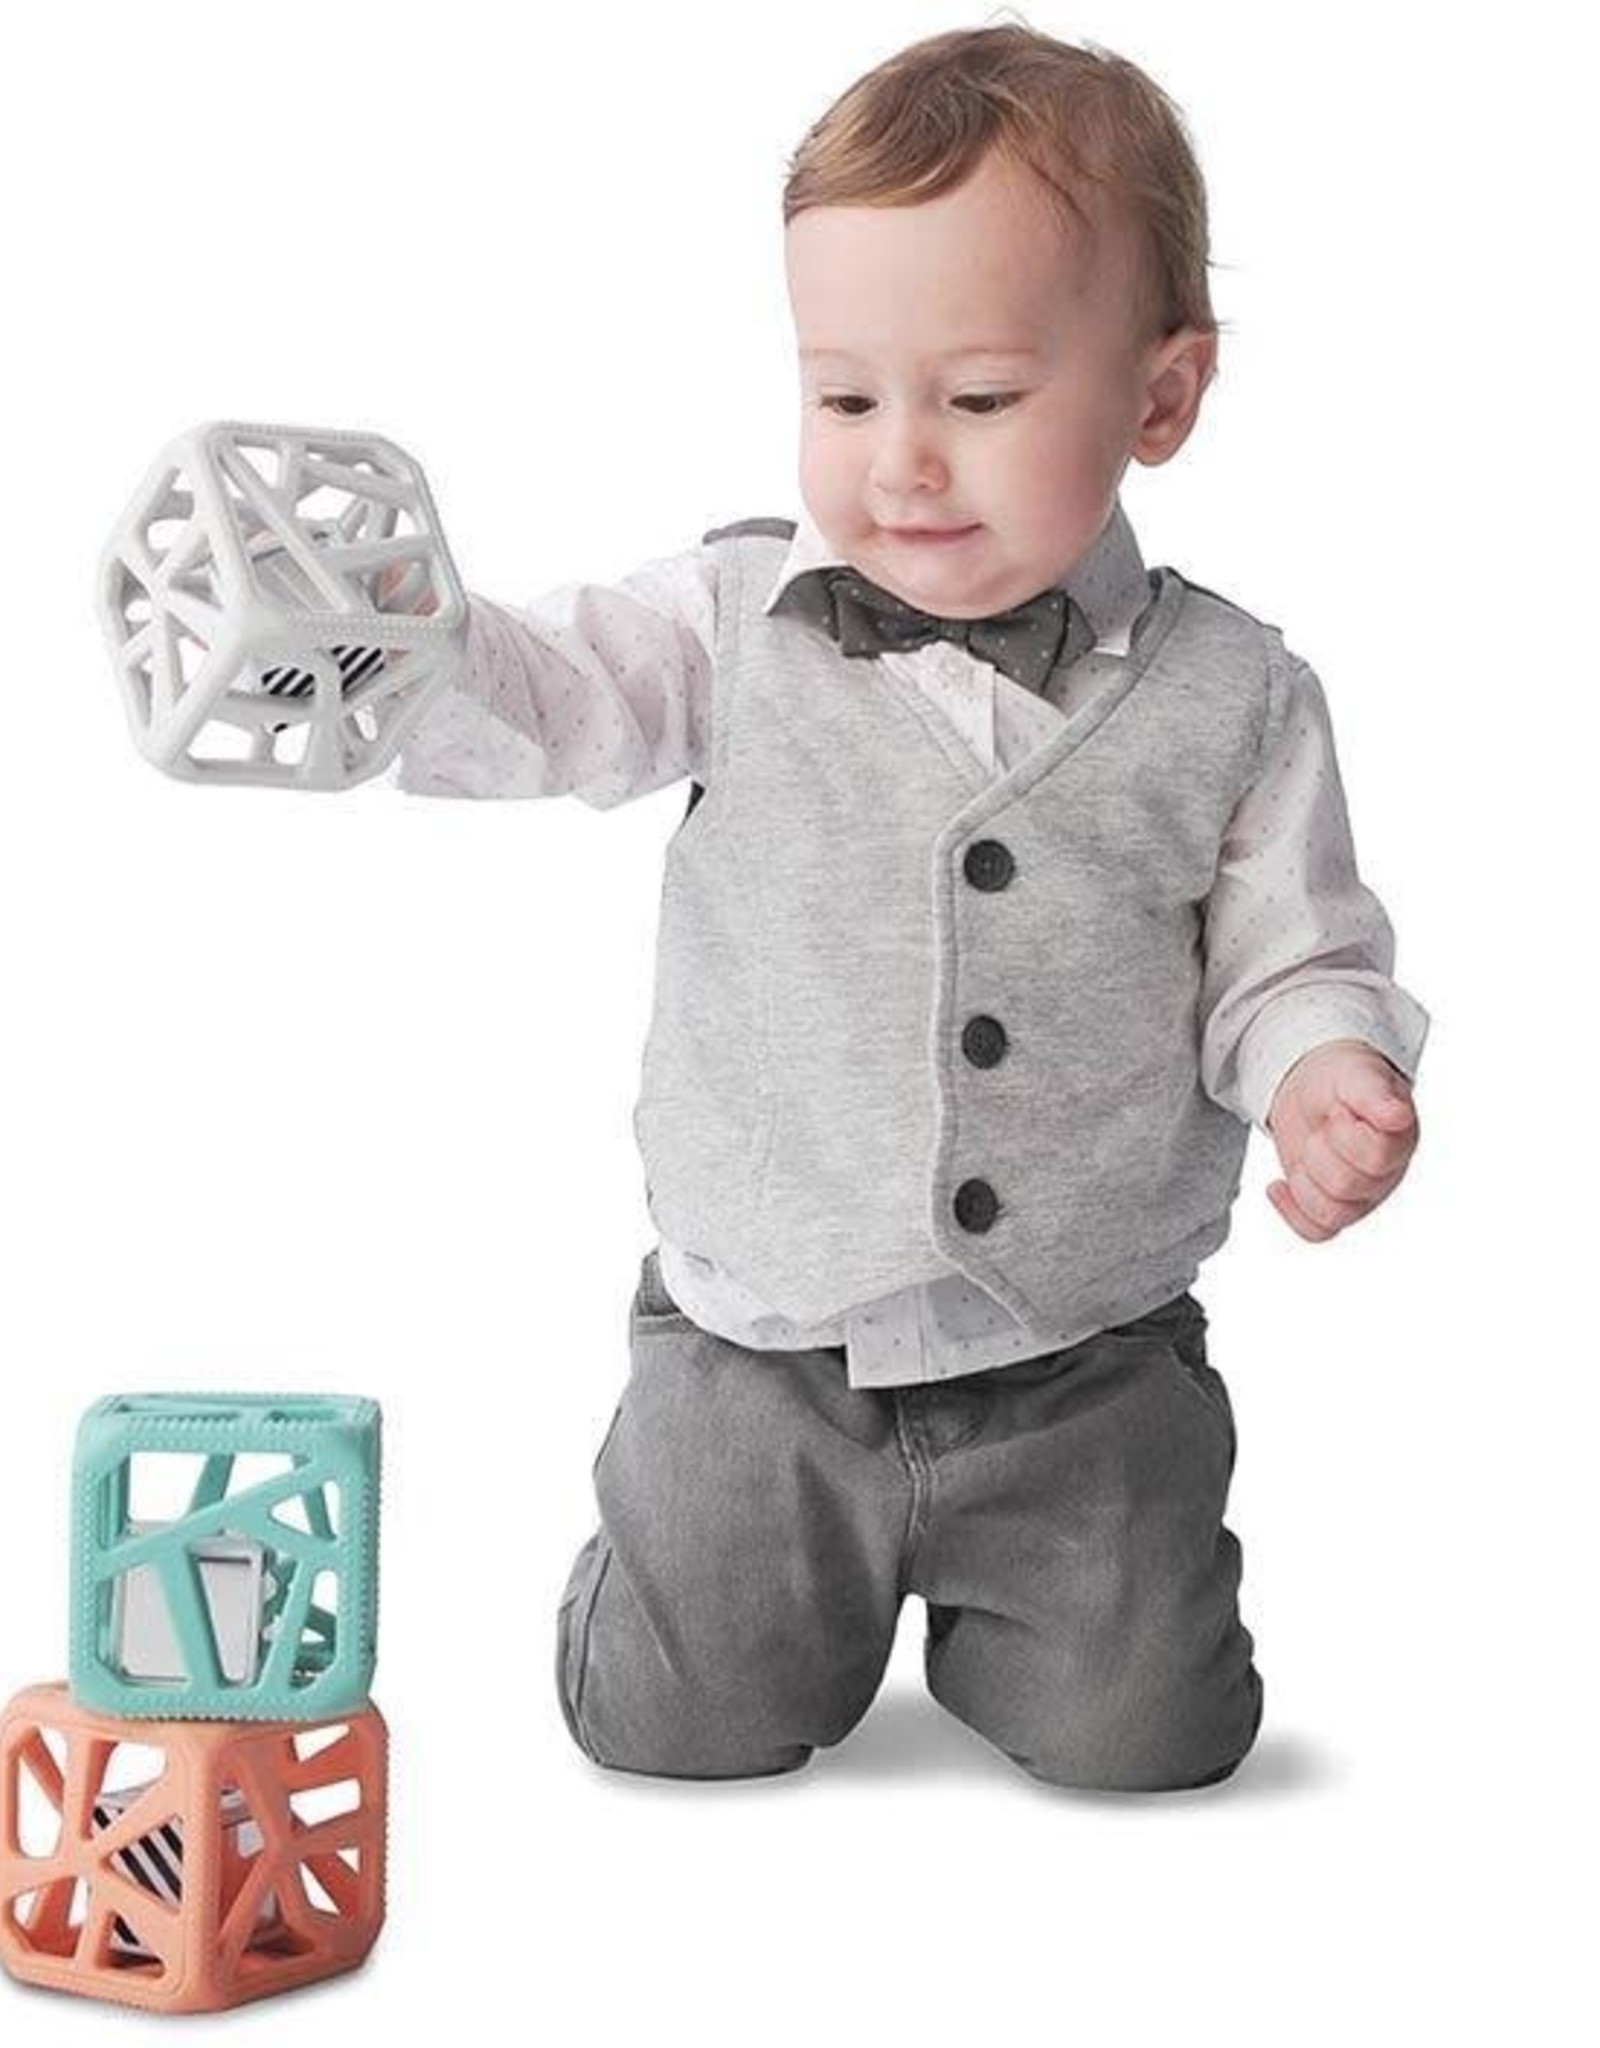 Malarkey Kids Chew Cube Mint